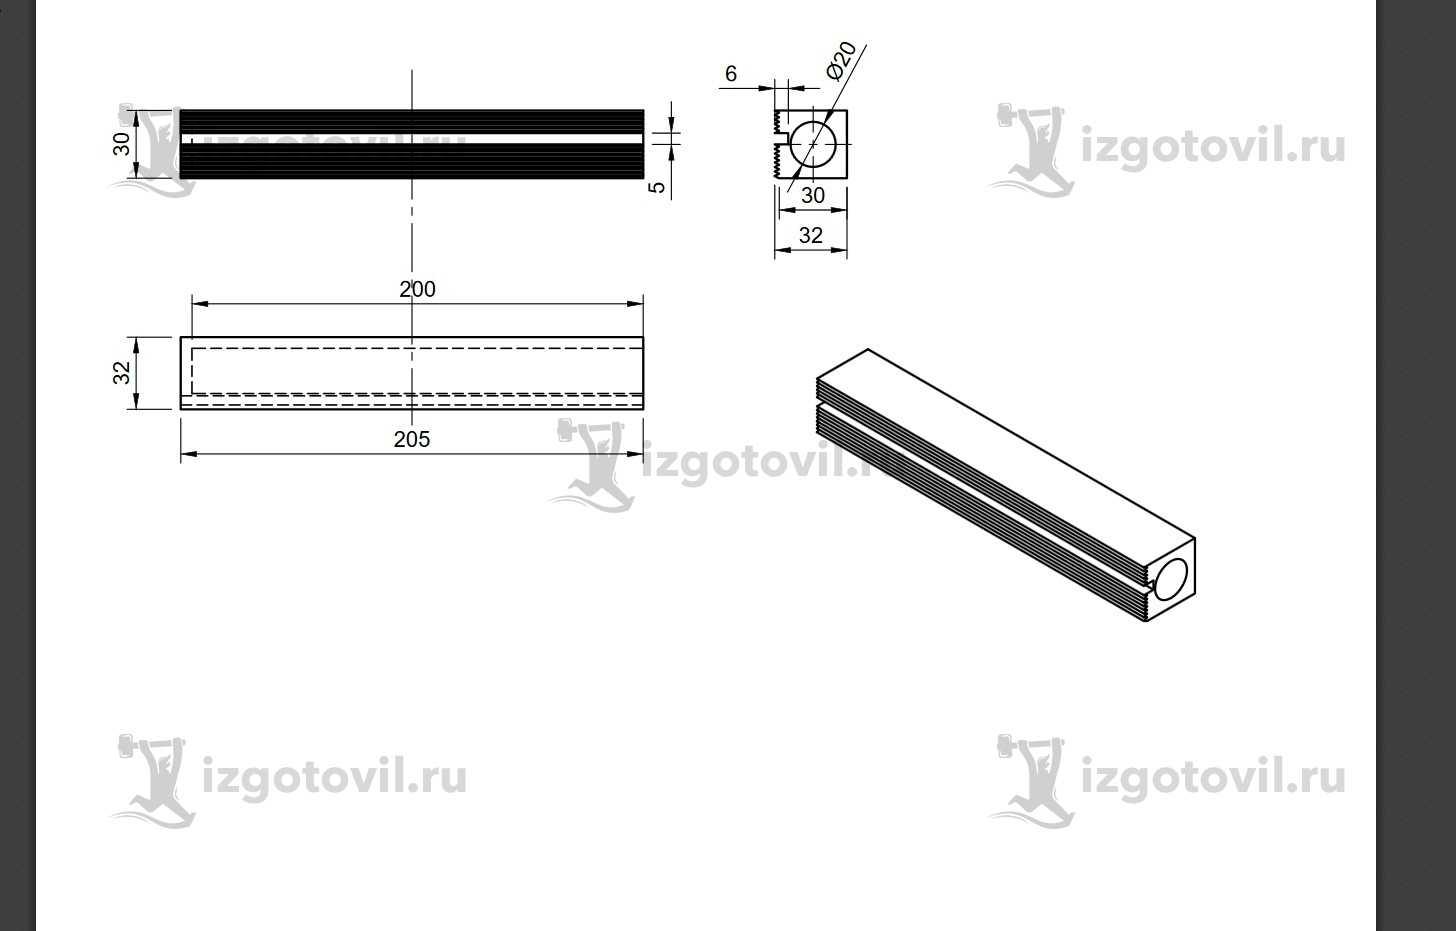 Элементы металлоконструкций (алюминиевой конструкции).